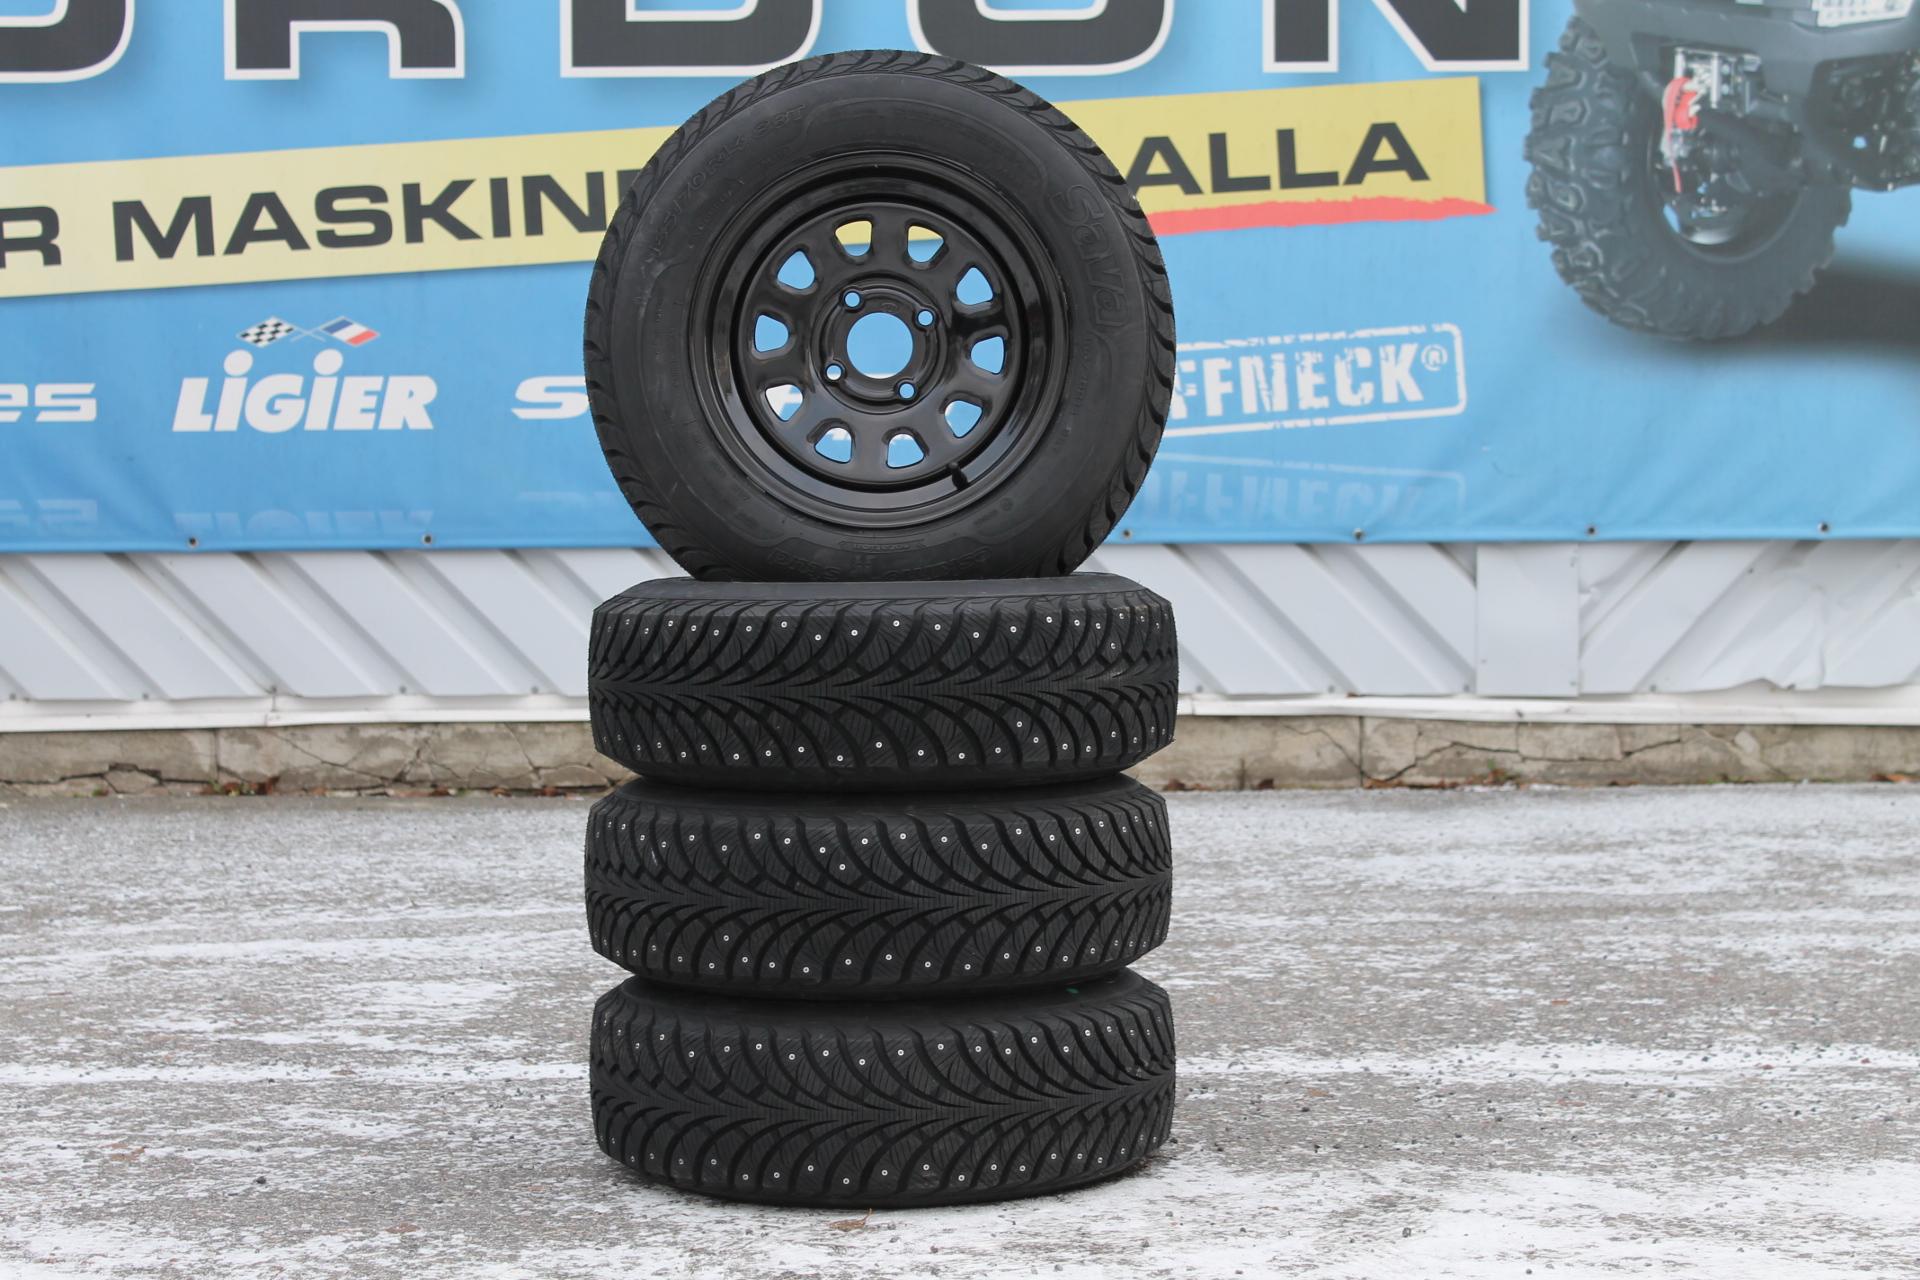 14 Tums Dubbade Vinterdäck På Fälg ATV/UTV